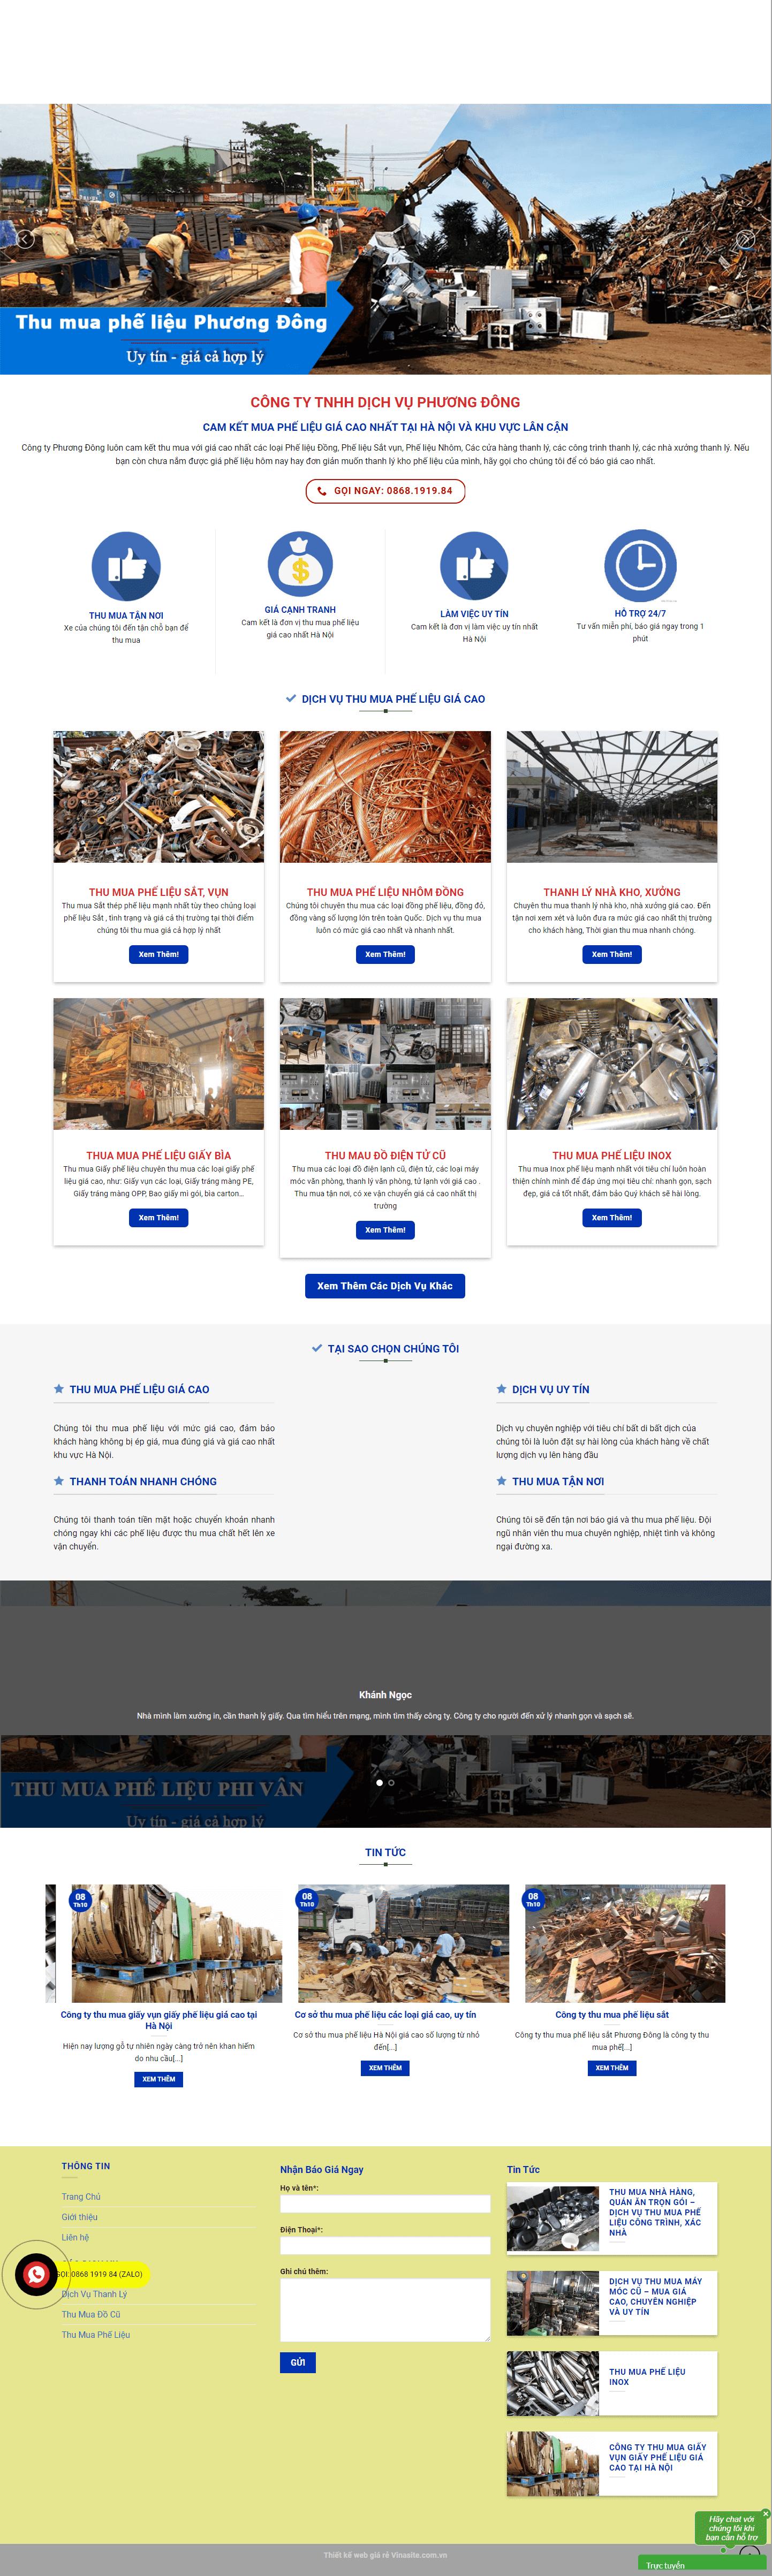 tongkhophelieuhanoi.com